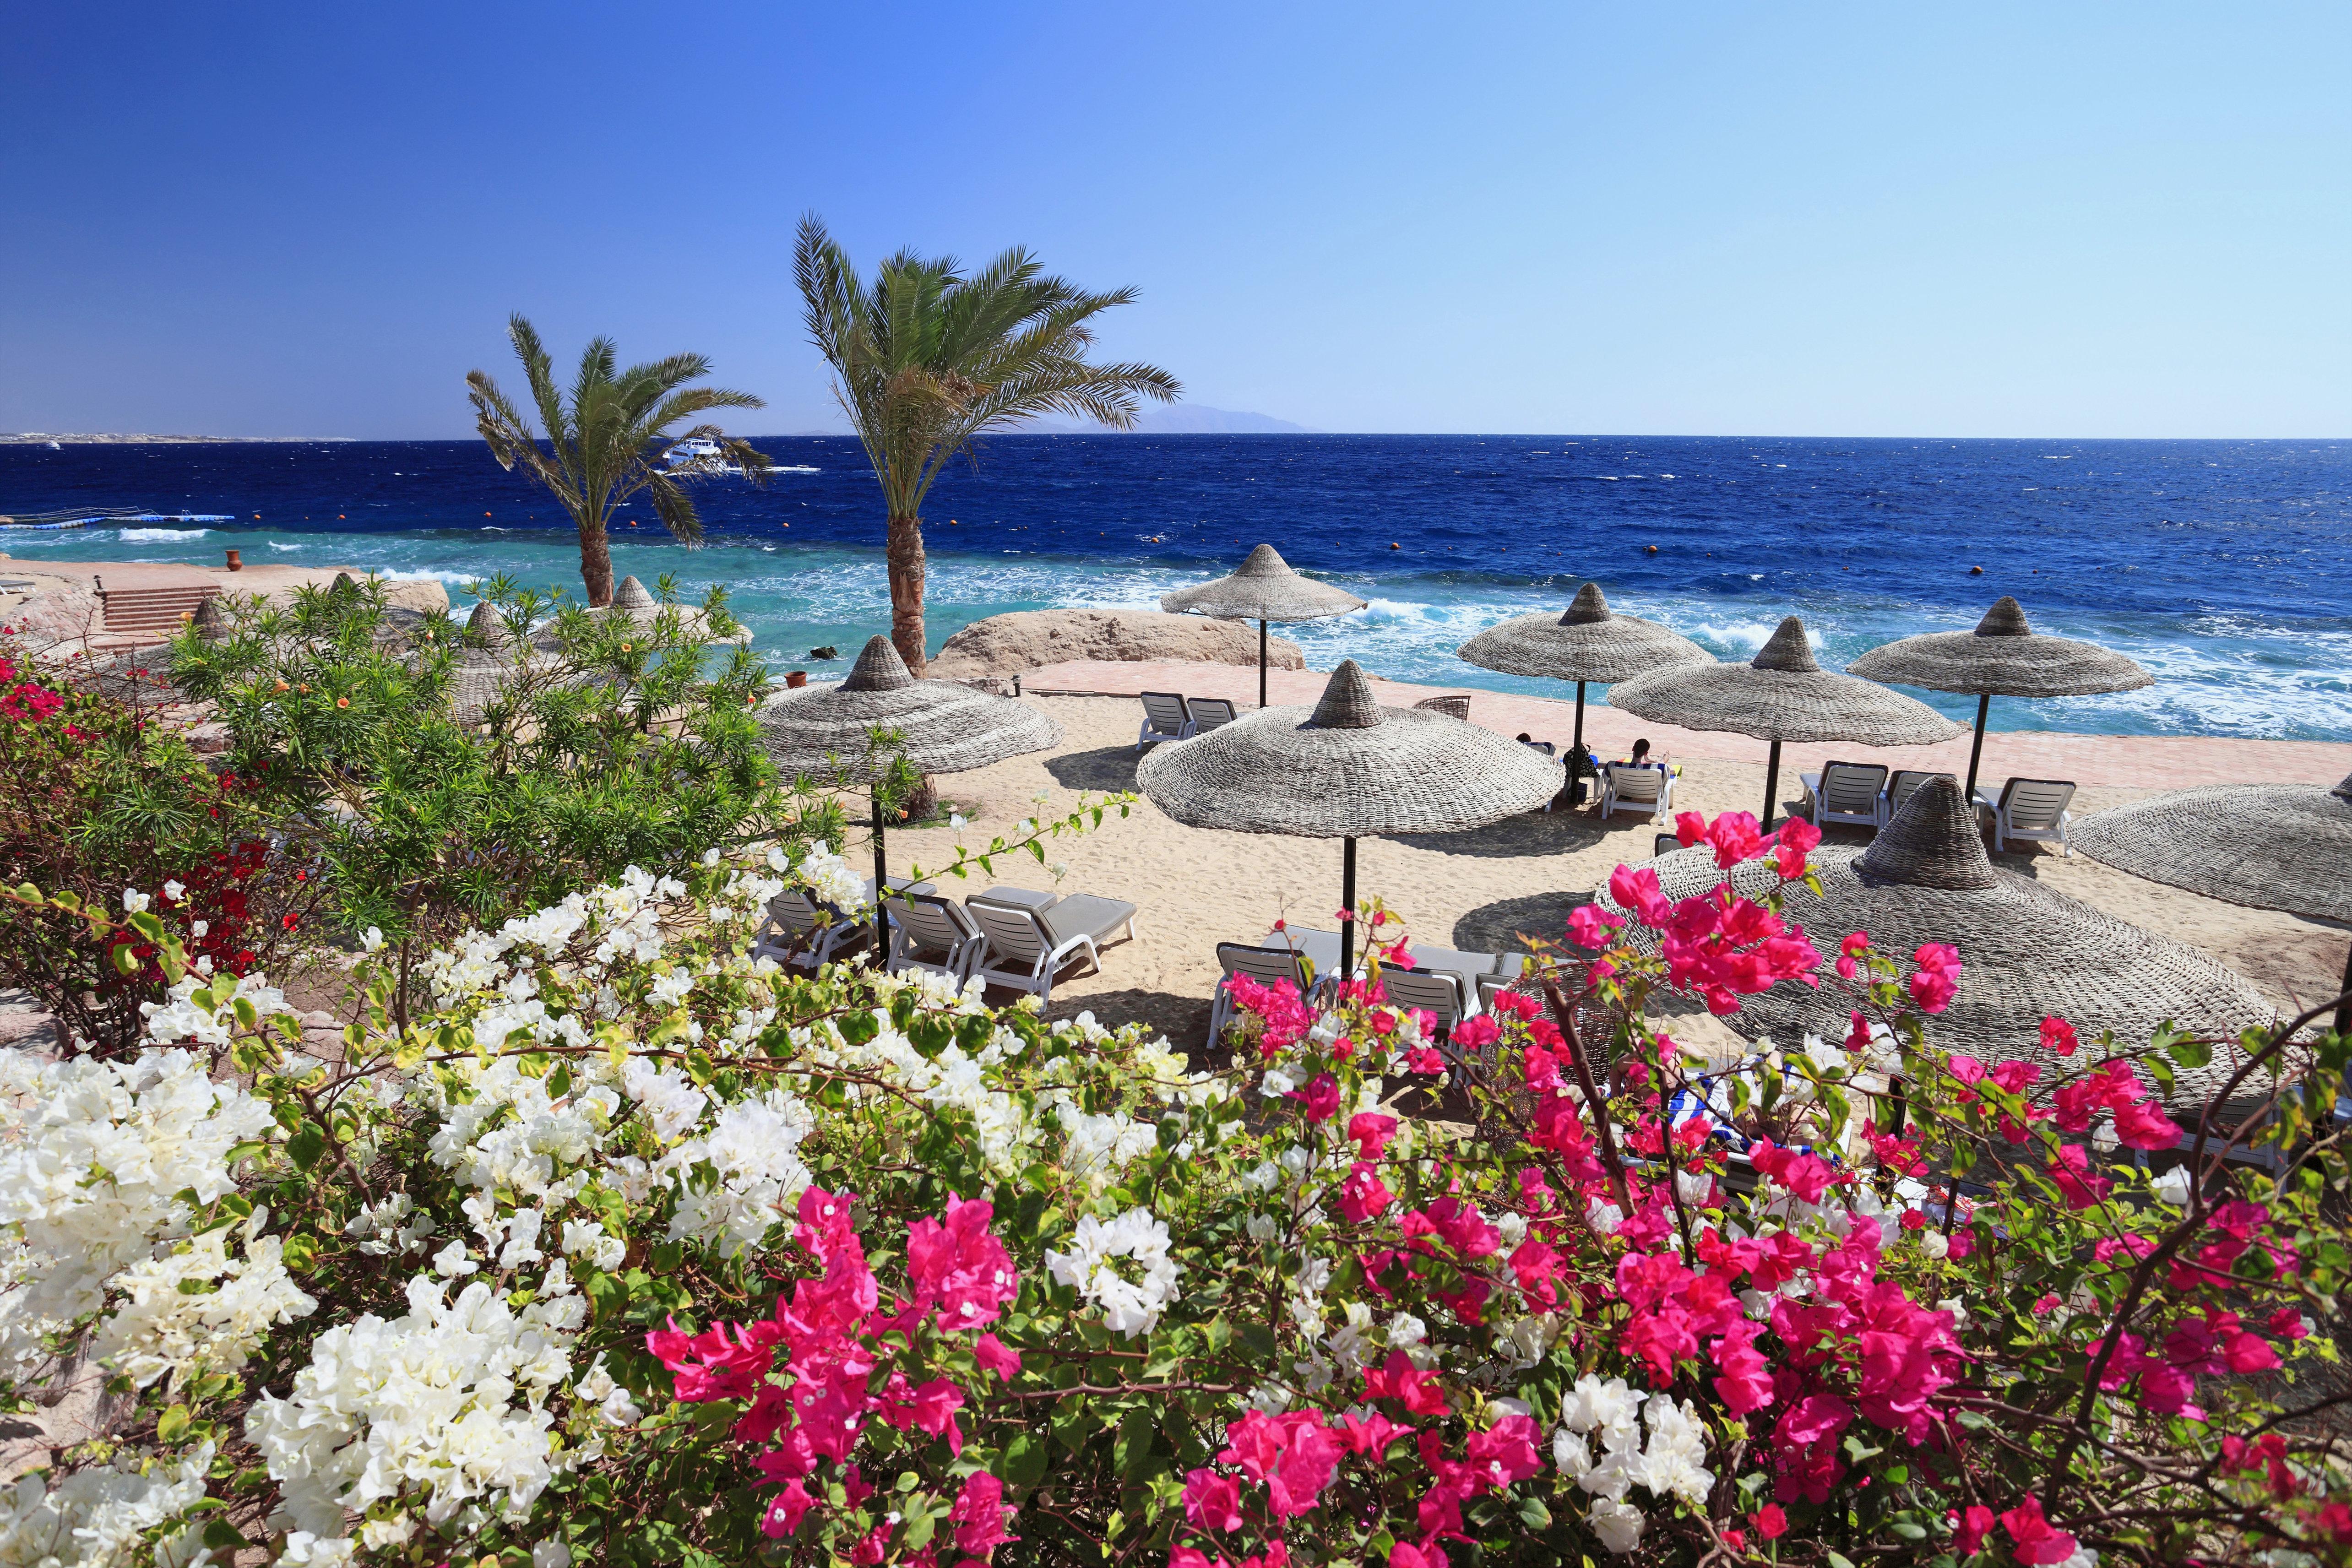 TheRenaissance Golden View Beach Resort in Sharm el Sheikh.